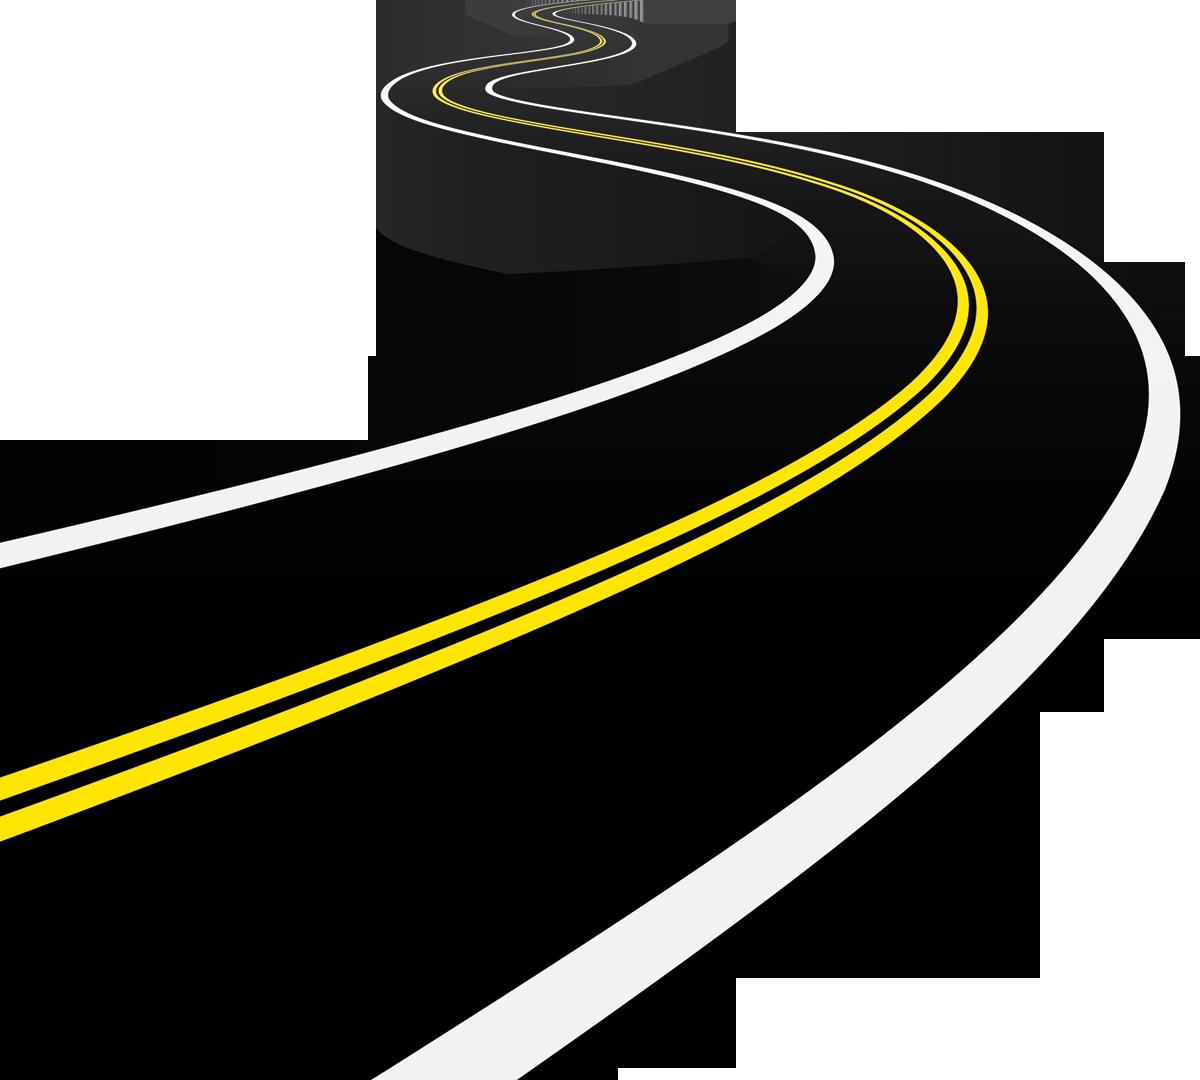 Clip art transprent png. Clipart road raod